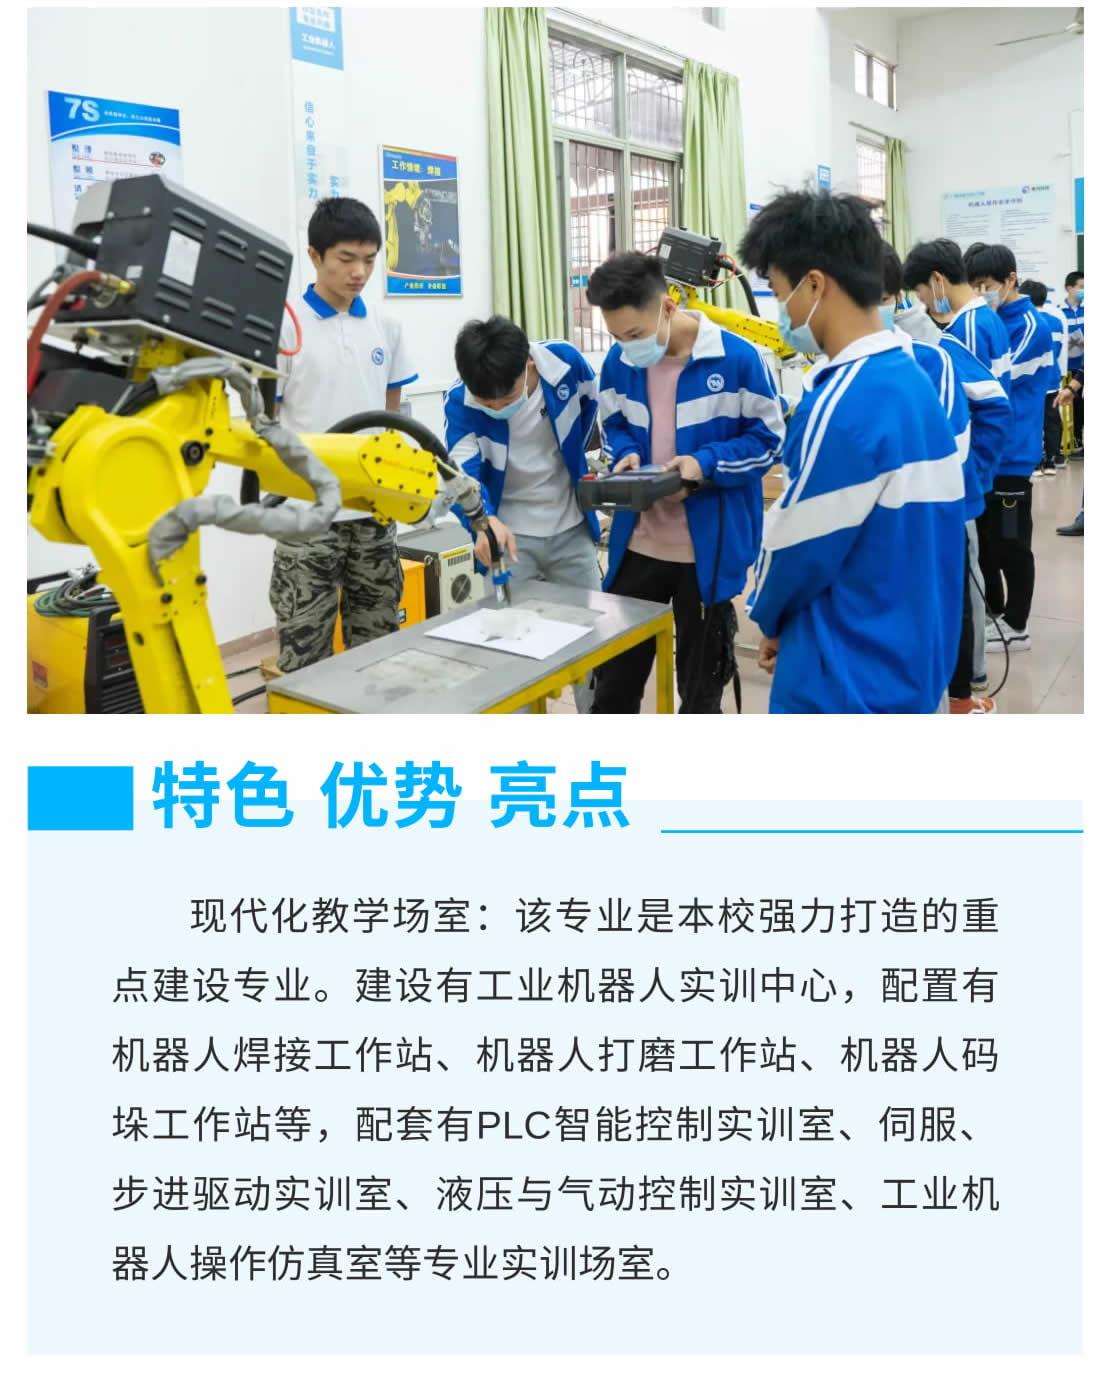 工业机器人应用与维护(高中起点三年制)-1_r4_c1.jpg